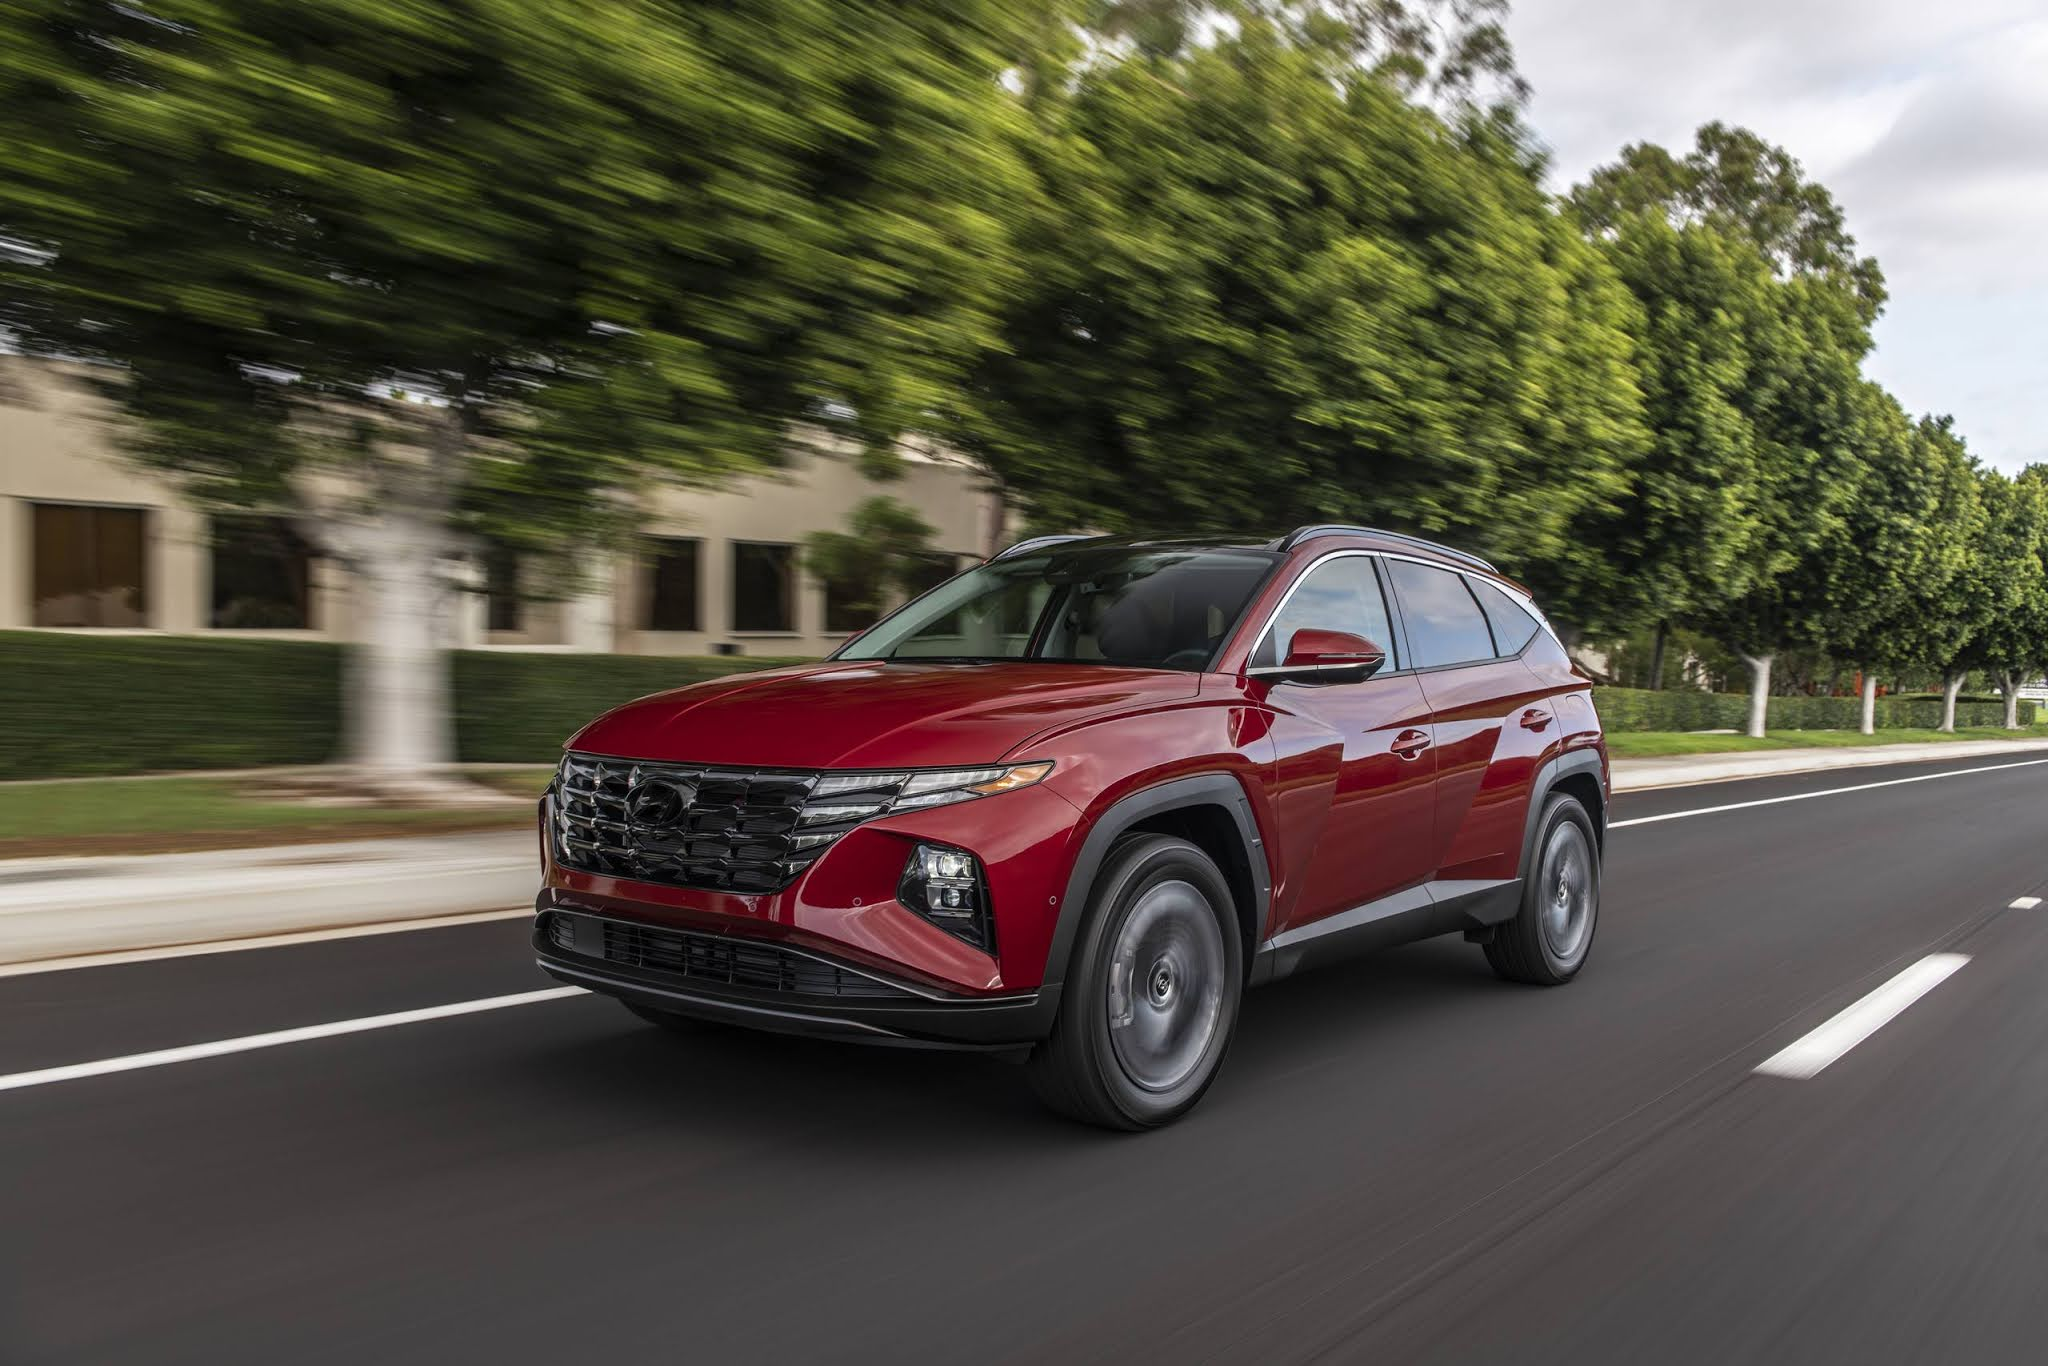 Novo Hyundai Tucson 2022